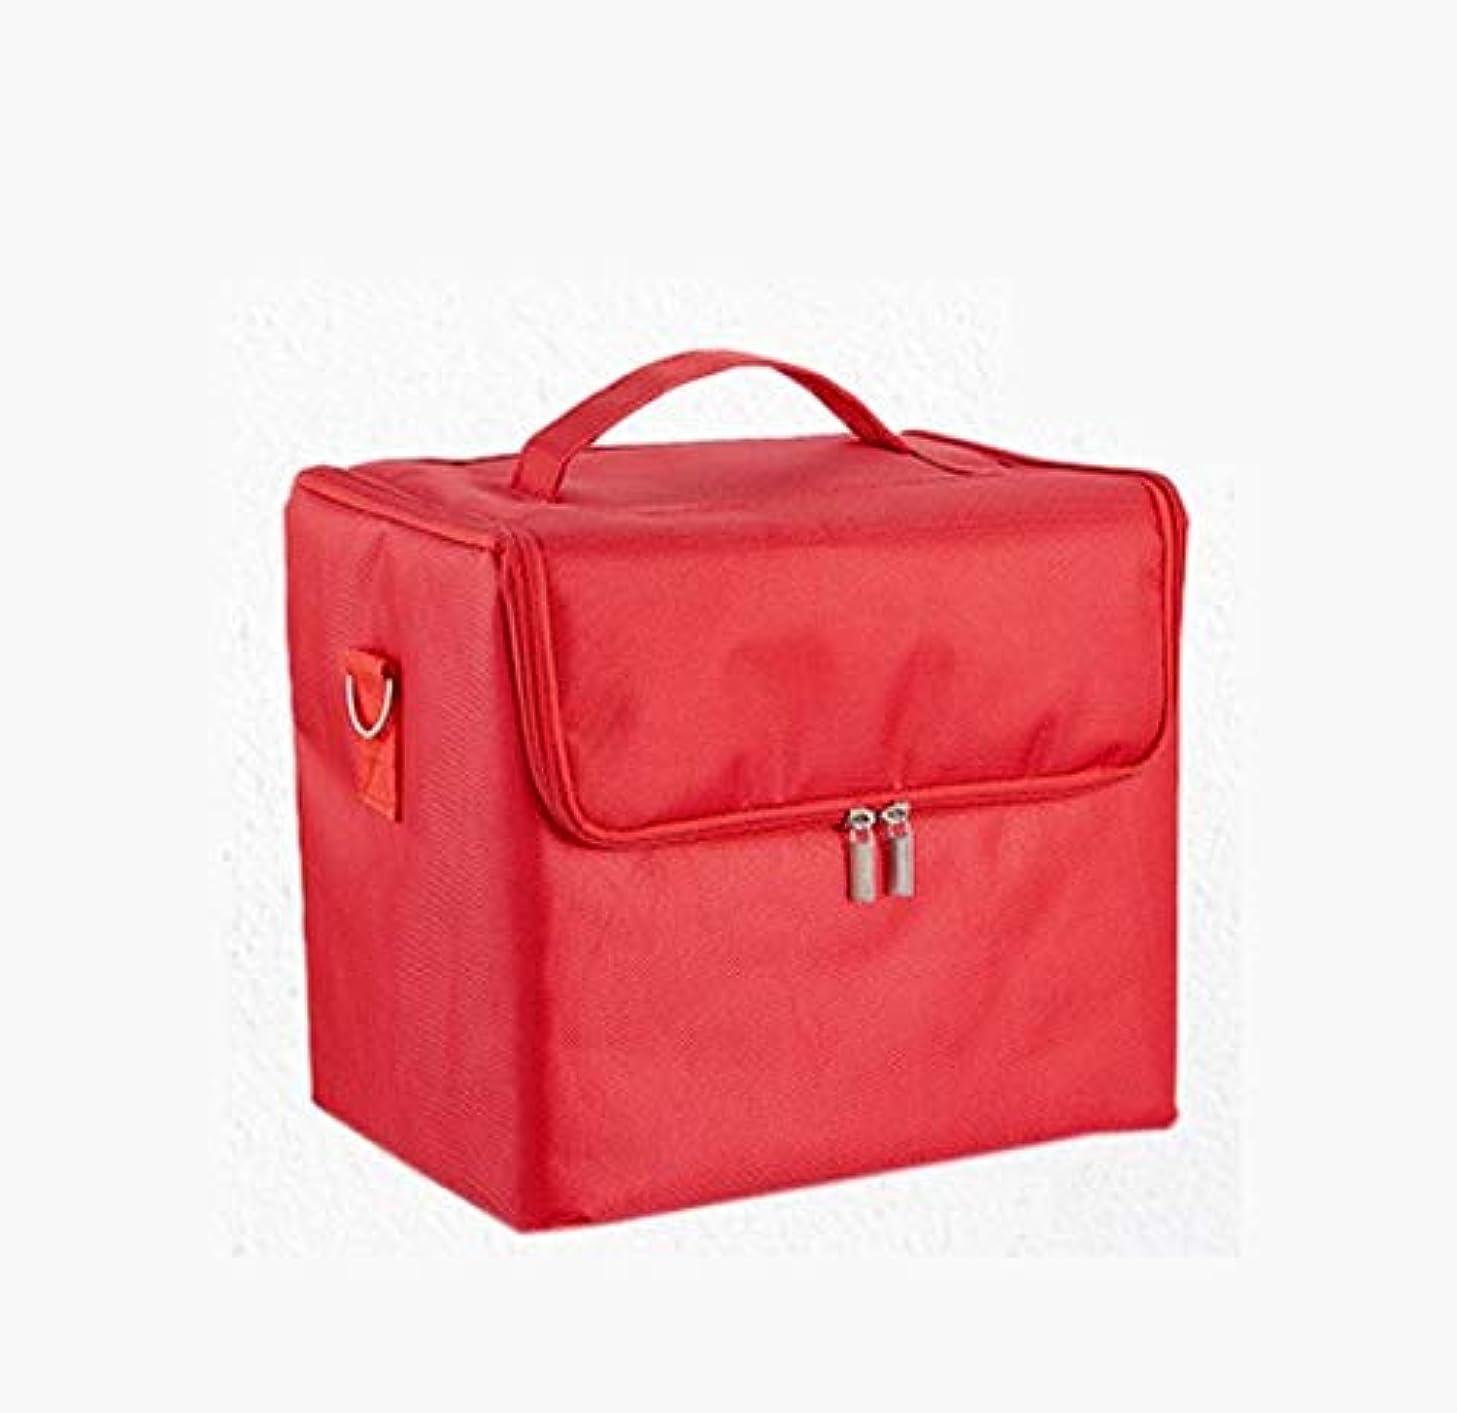 完璧なティッシュ砲兵化粧箱、大容量多機能防水化粧品ケース、携帯用旅行化粧品袋収納袋、美容化粧ネイルジュエリー収納箱 (Color : Red)